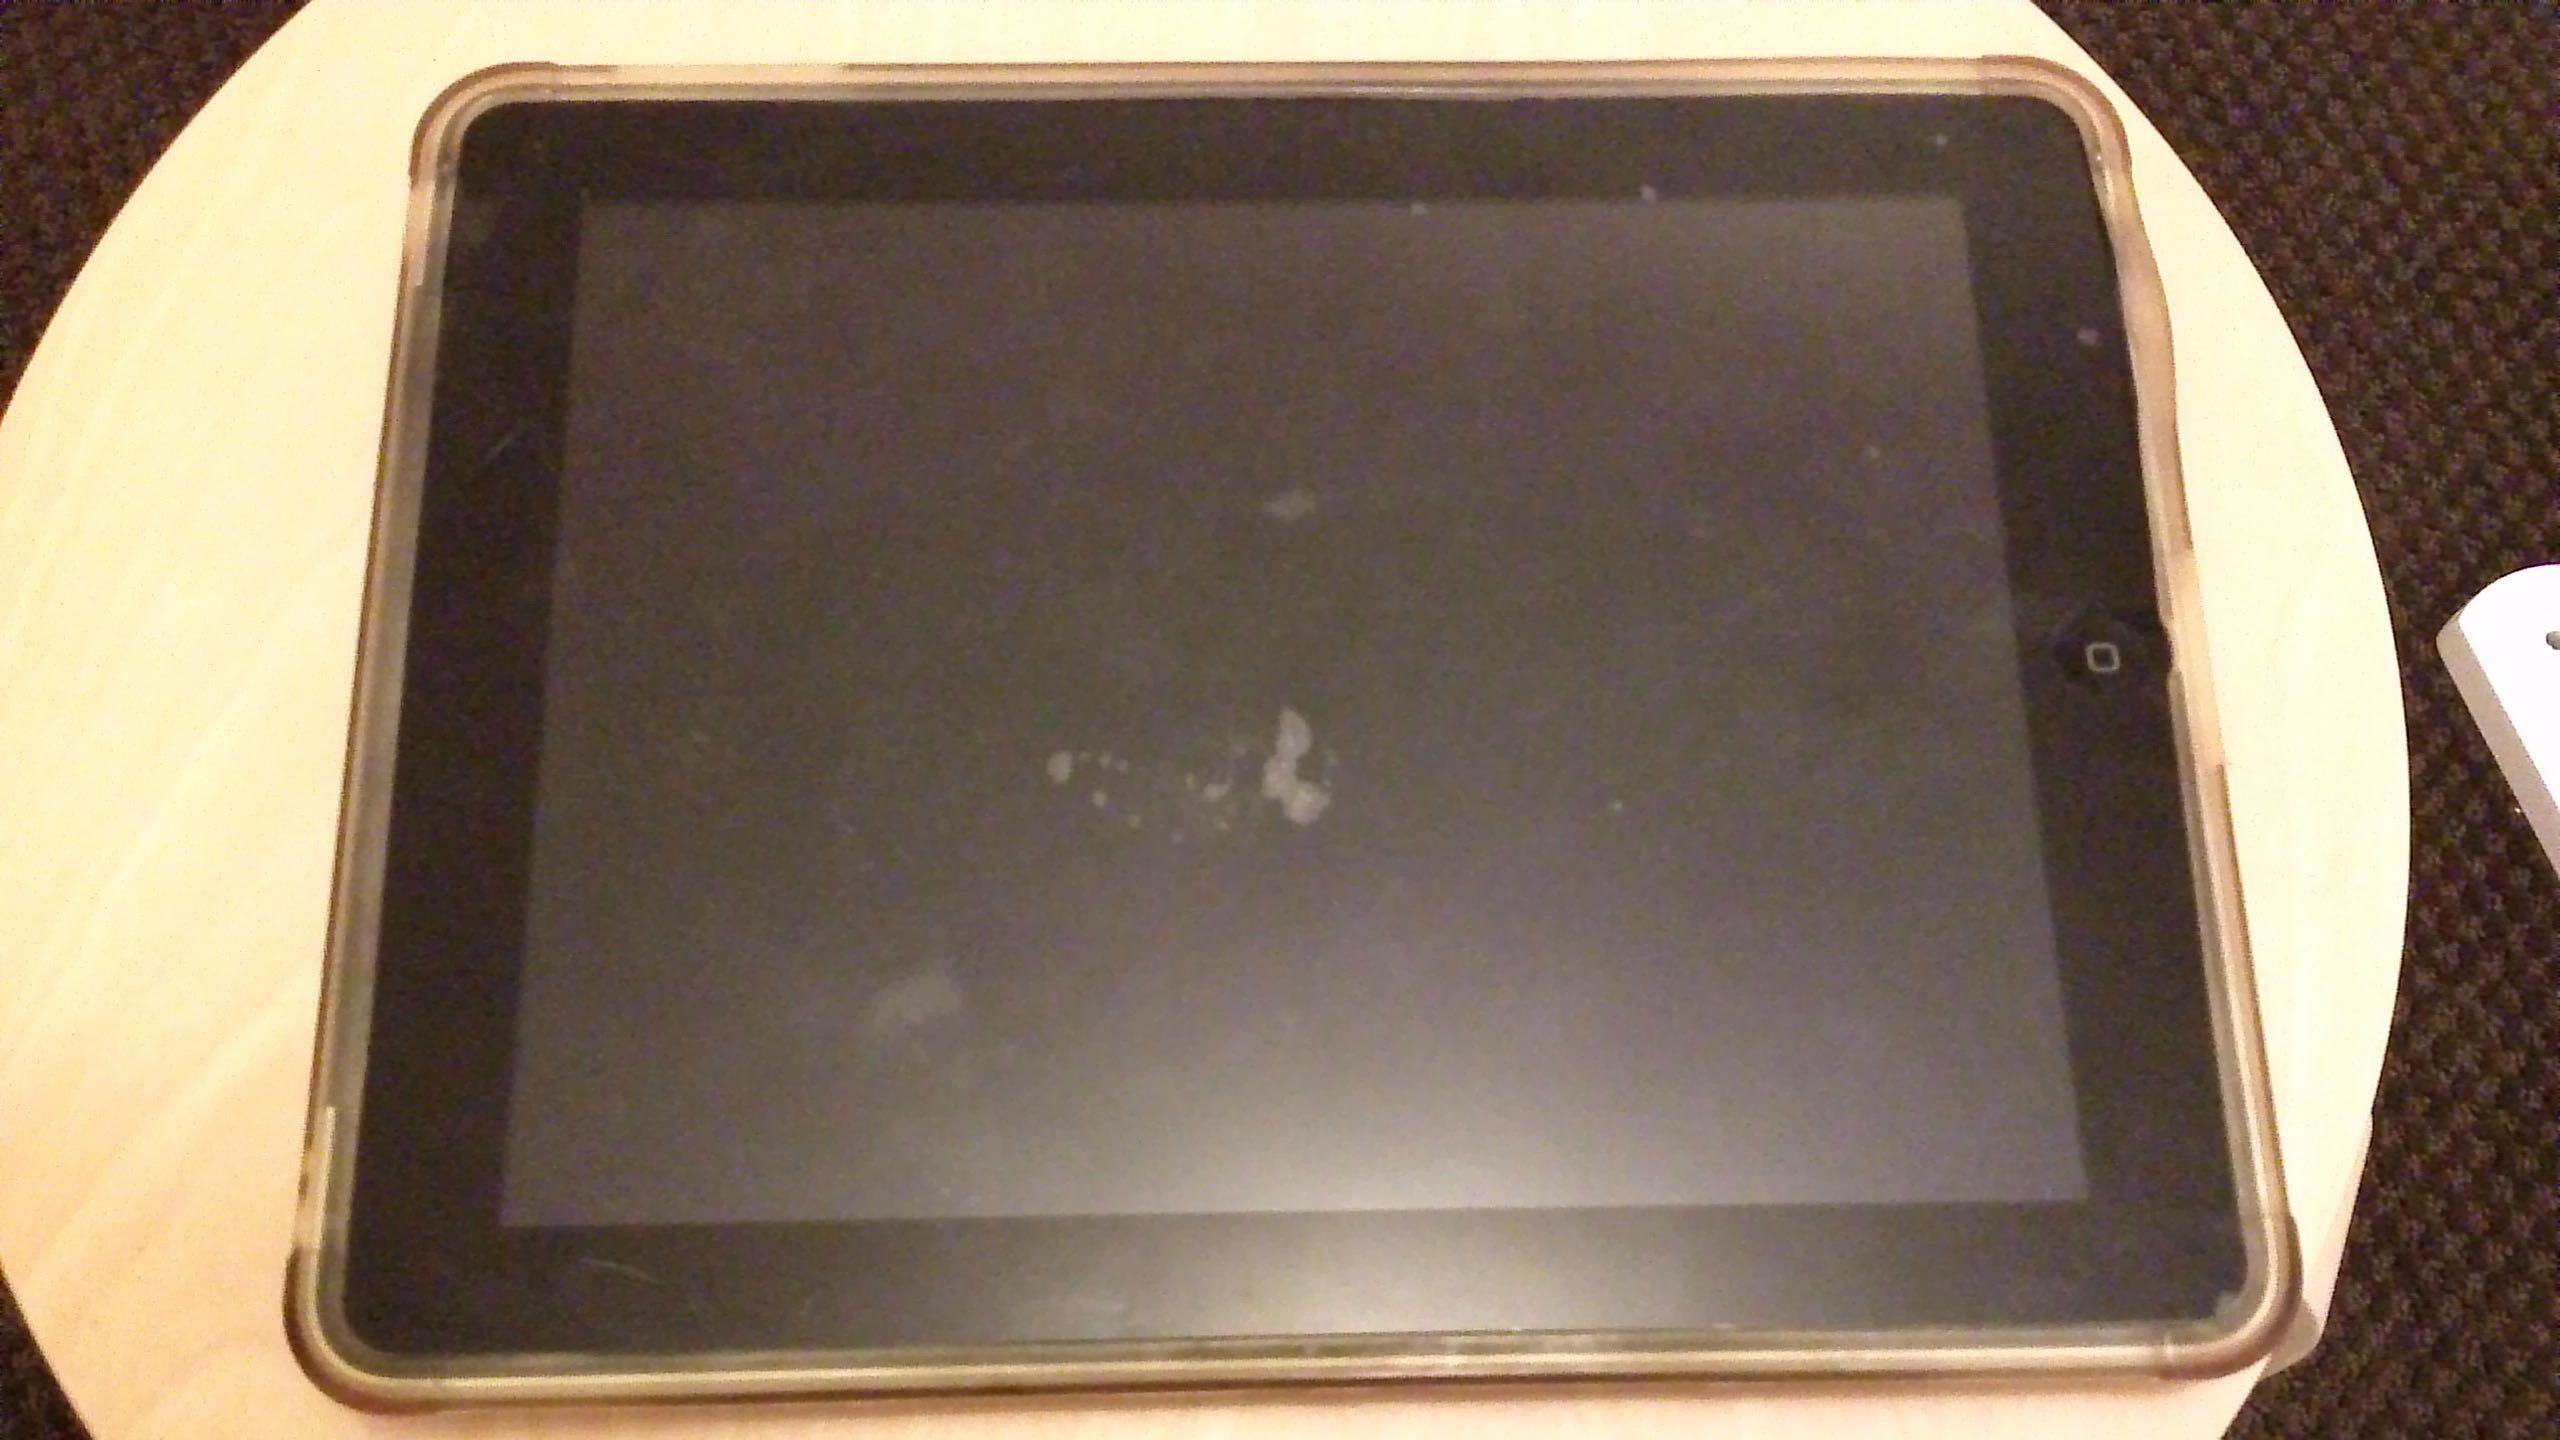 iPad 32GB + 3G 1st generation